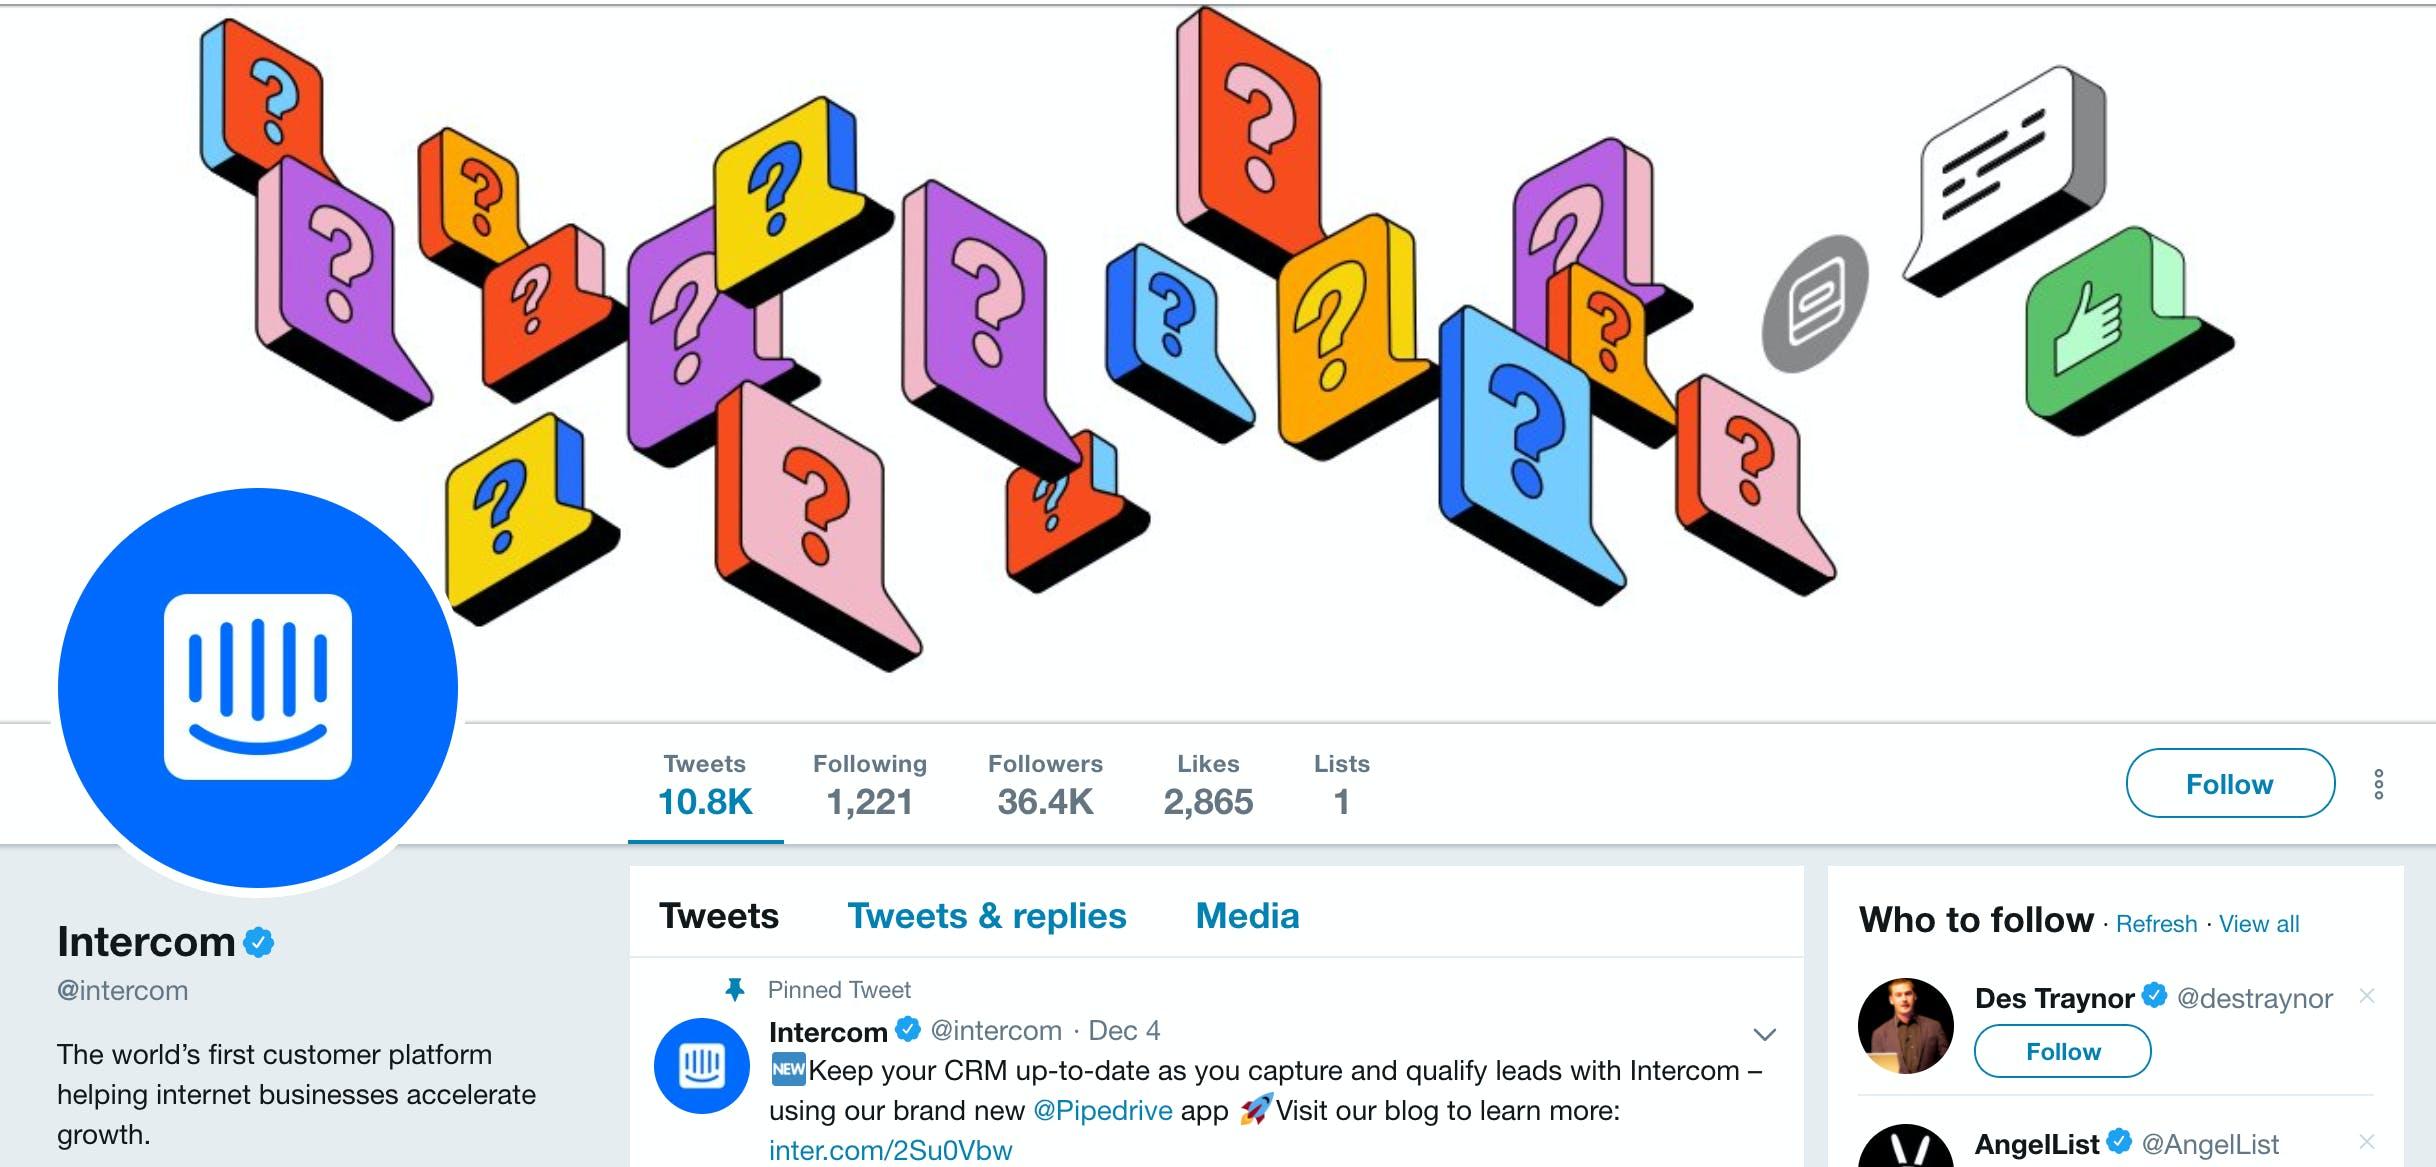 Intercom Twitter feed